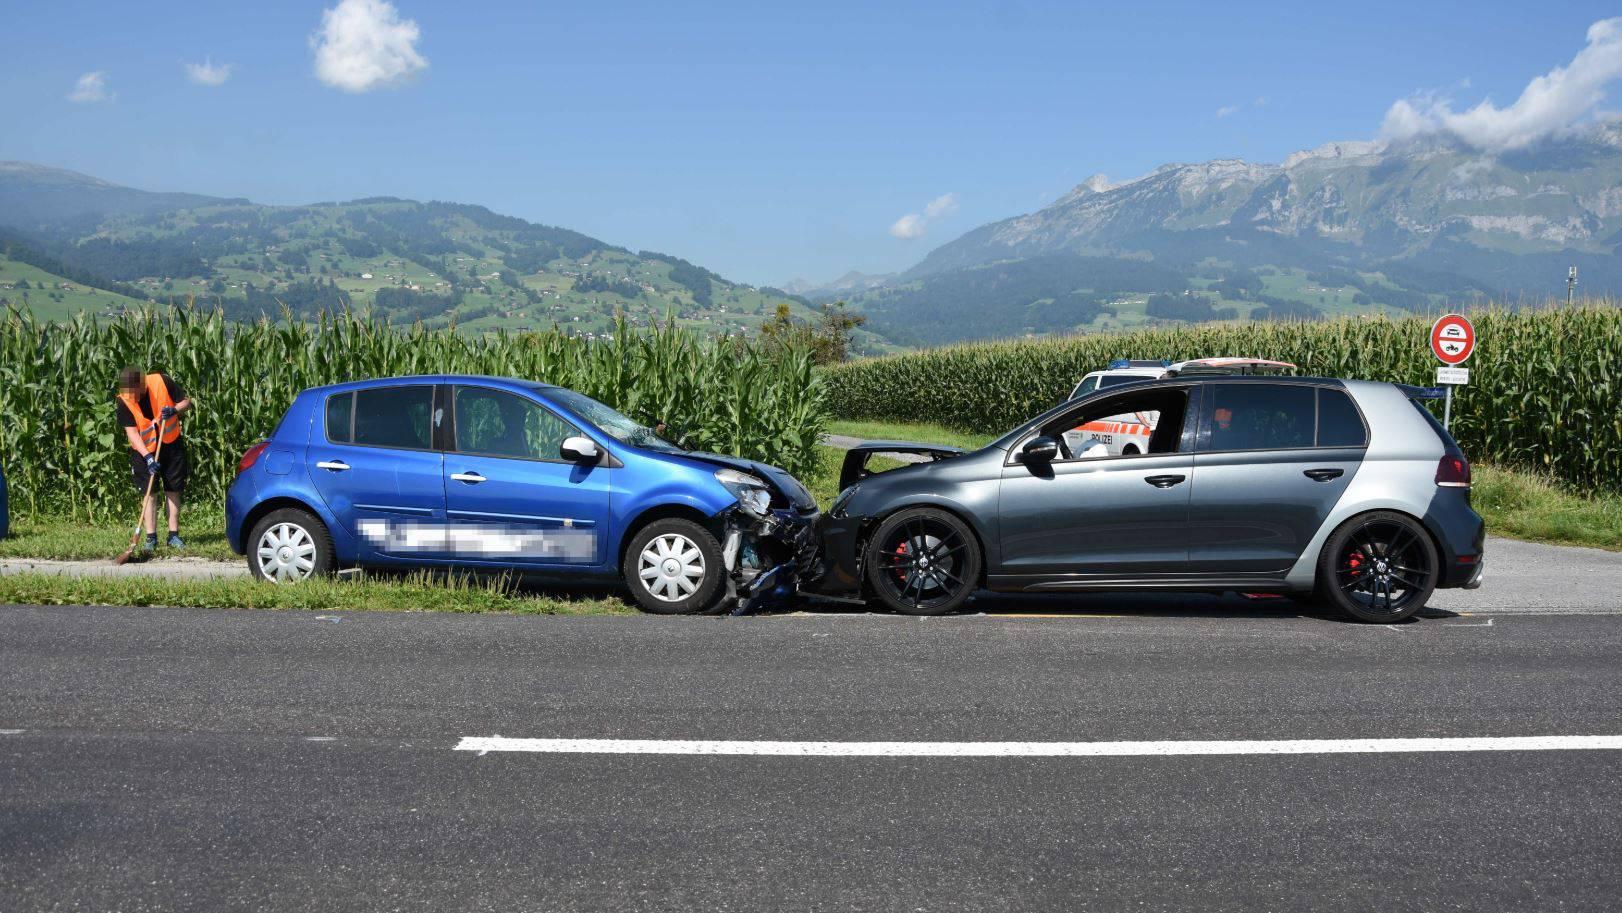 Die Beifahrerin wurde bei der Kollision leicht verletzt.